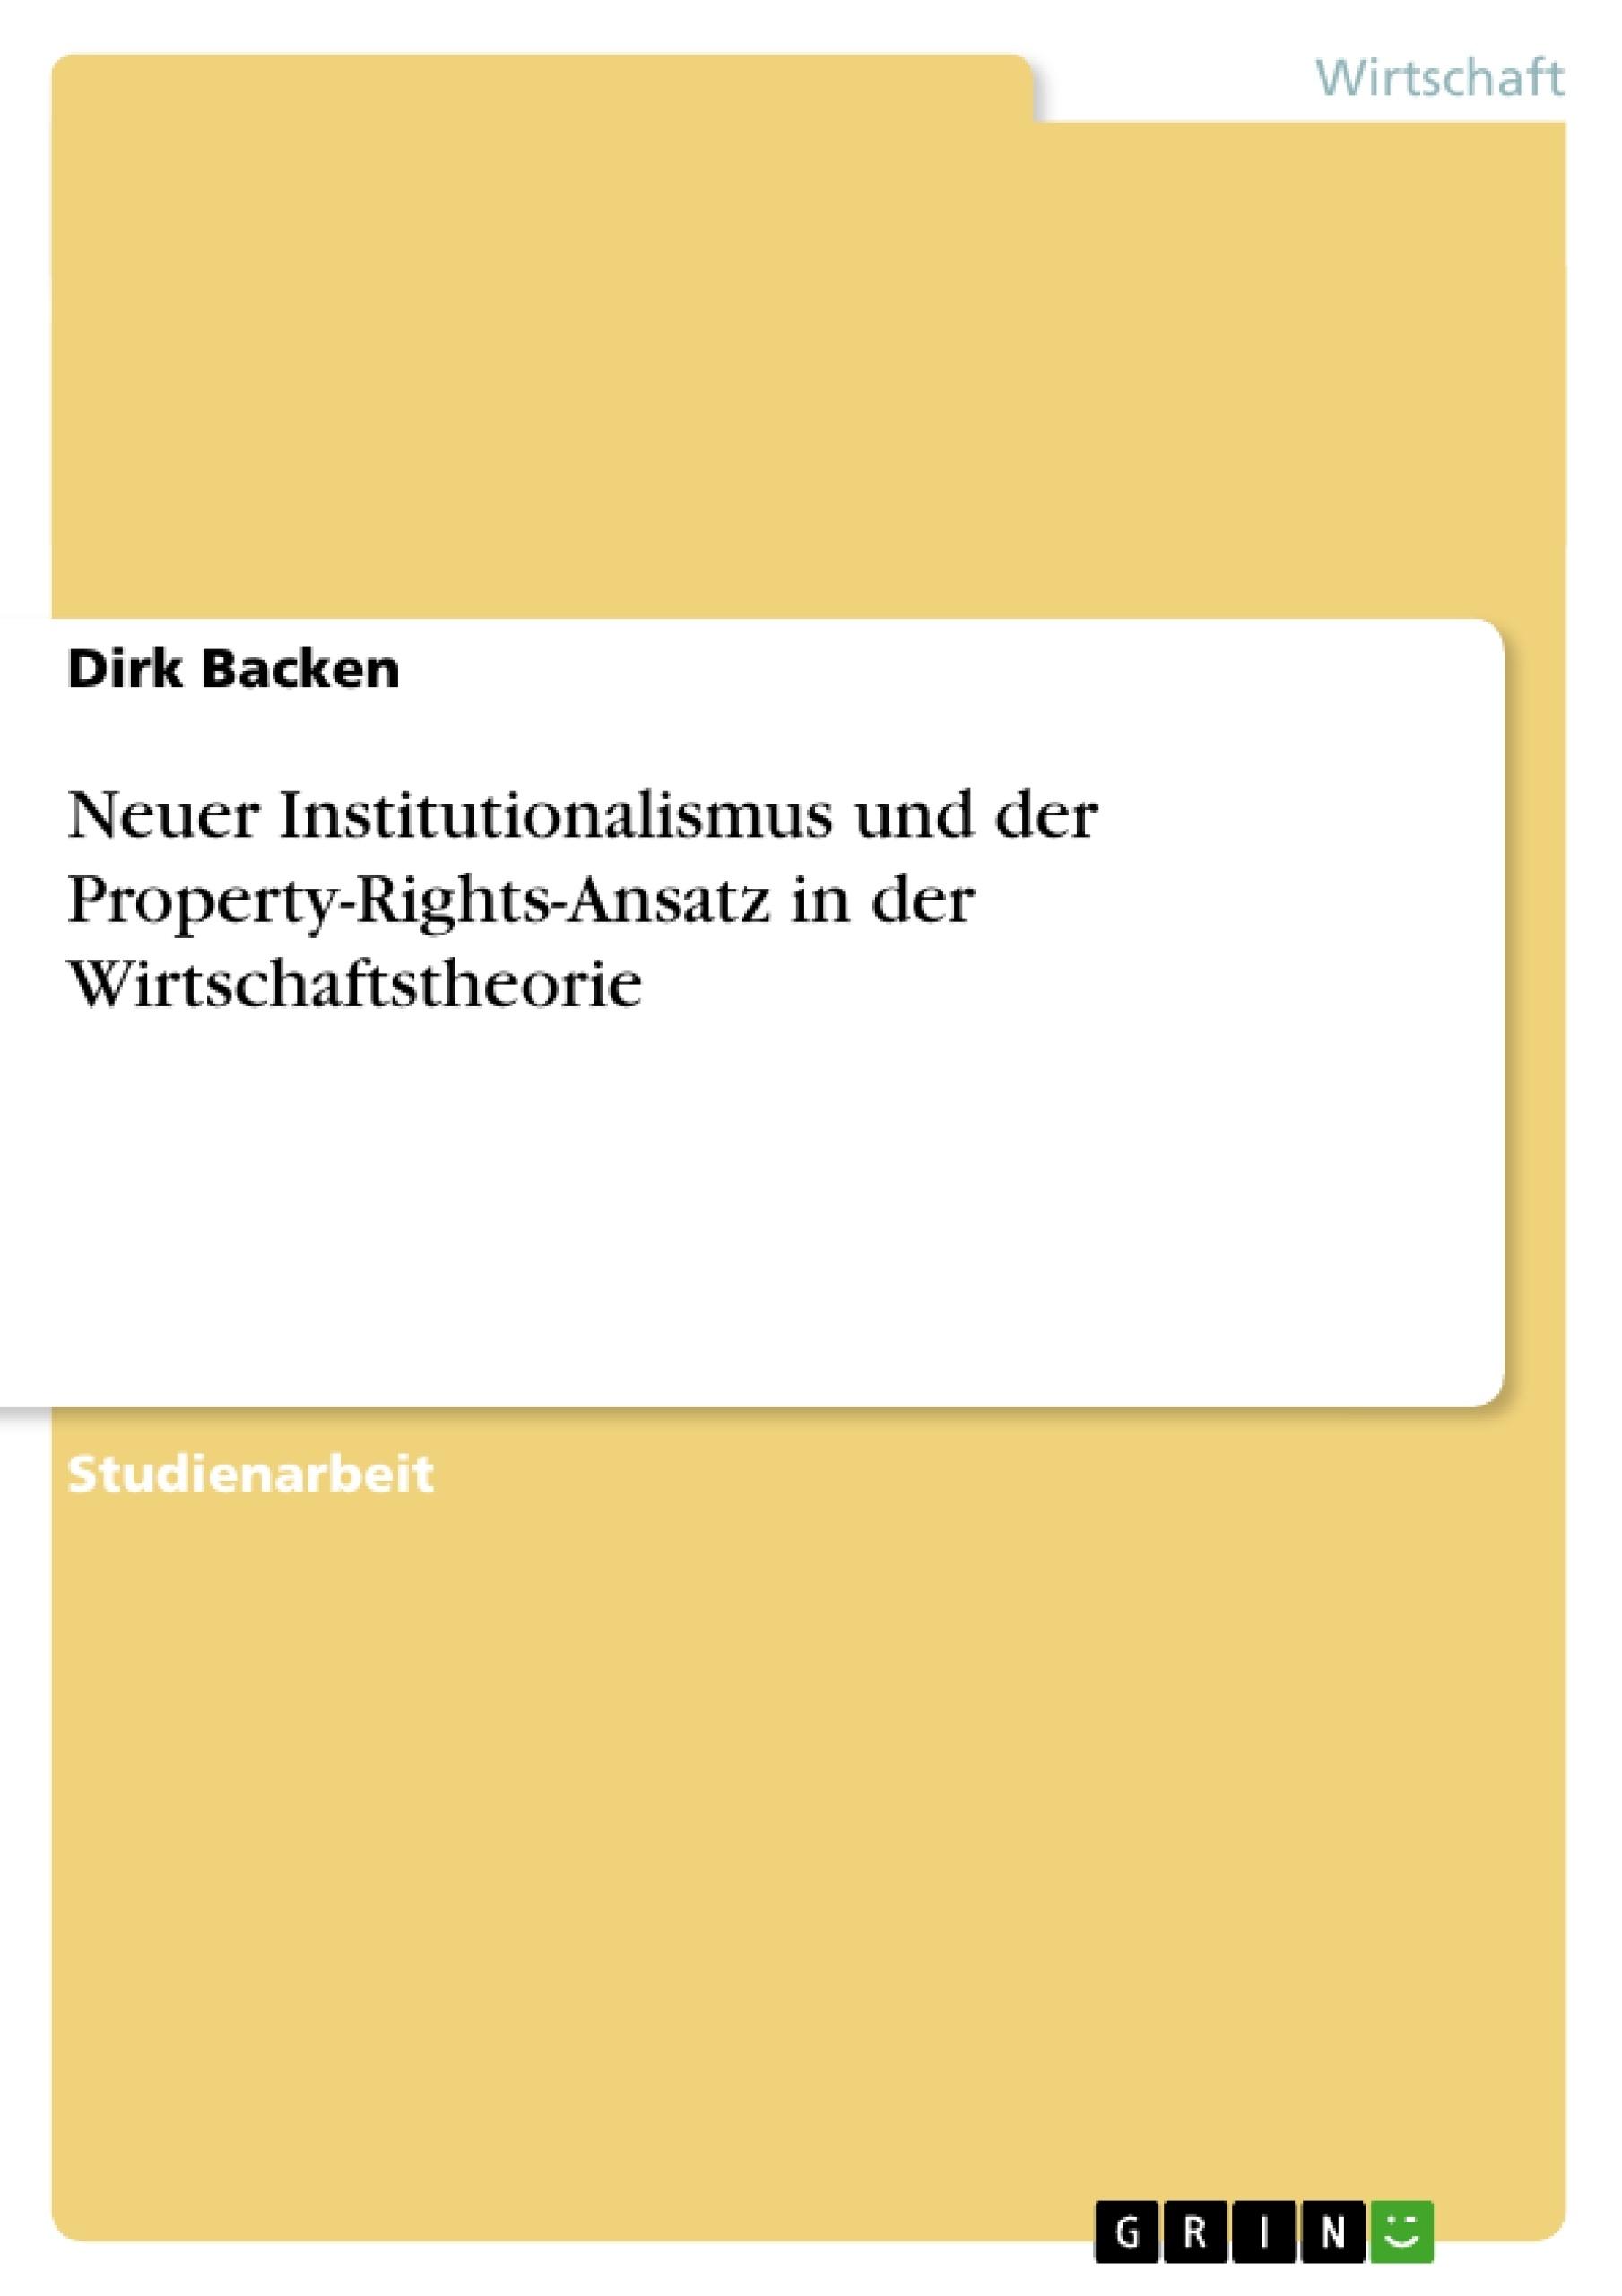 Titel: Neuer Institutionalismus und der Property-Rights-Ansatz in der Wirtschaftstheorie